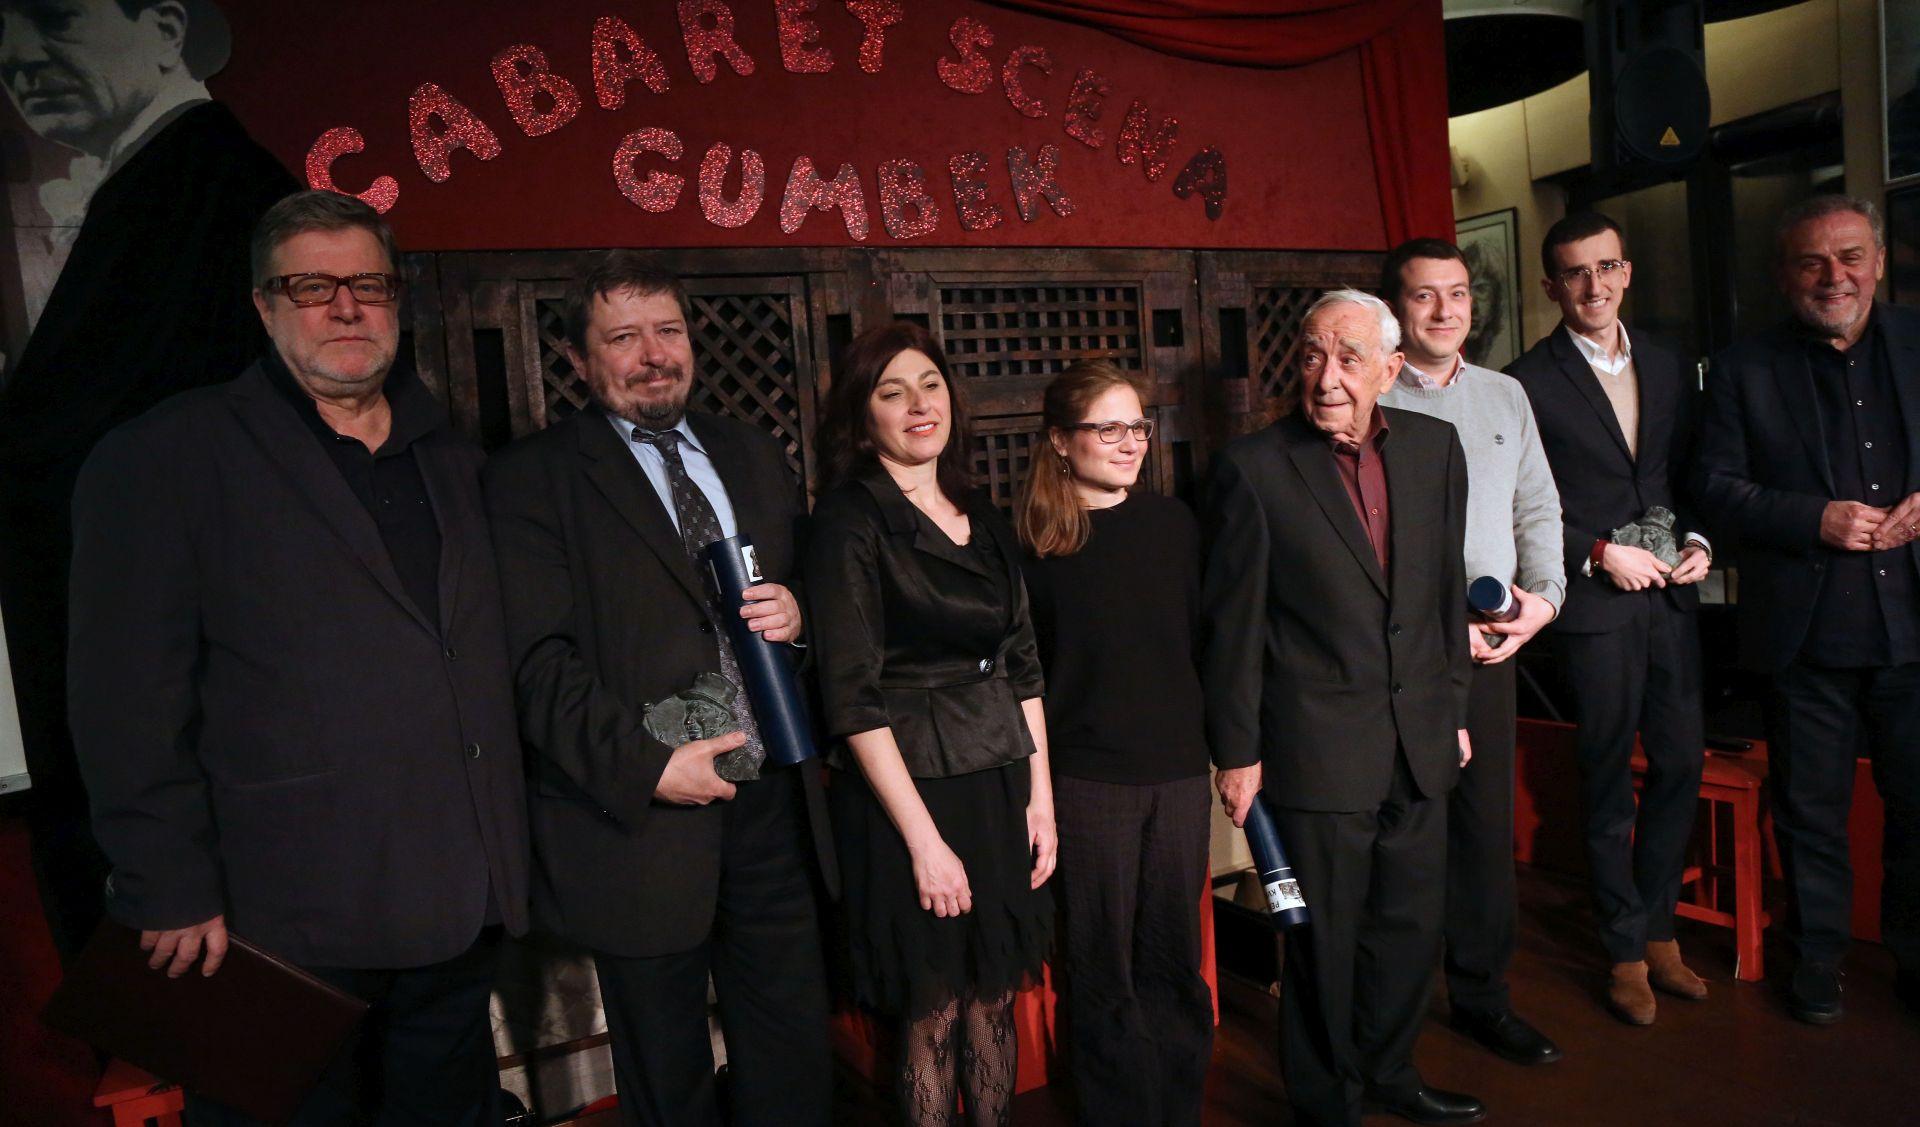 Najbolja predstva 10. Gumbekovih dana 'Kalamona vjetrovezač' kazališta iz Pečuha